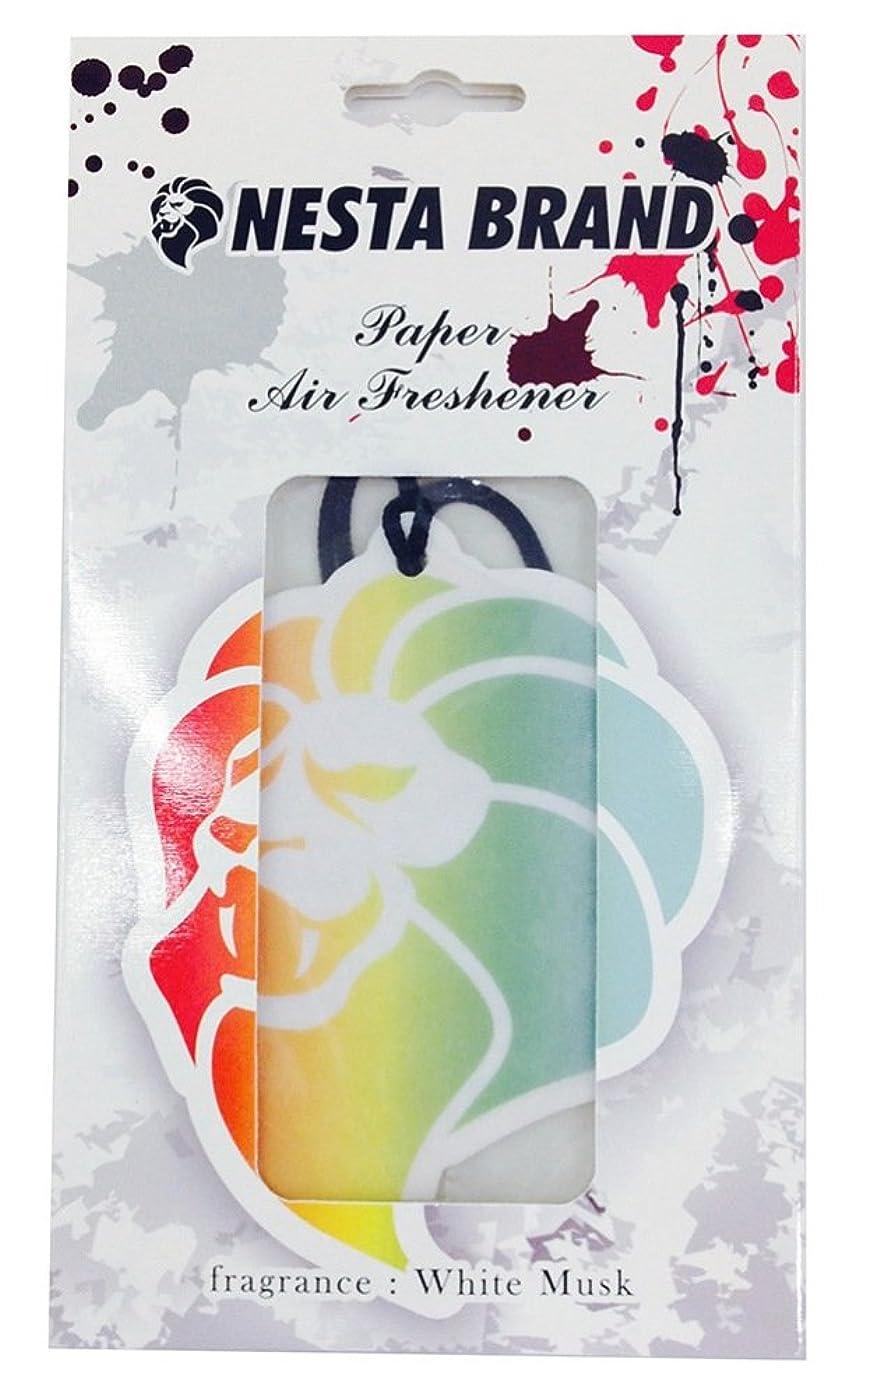 男論争的イタリアのネスタブランド エアーフレッシュナー 吊り下げ ホワイトムスクの香り OA-NNA-11-2